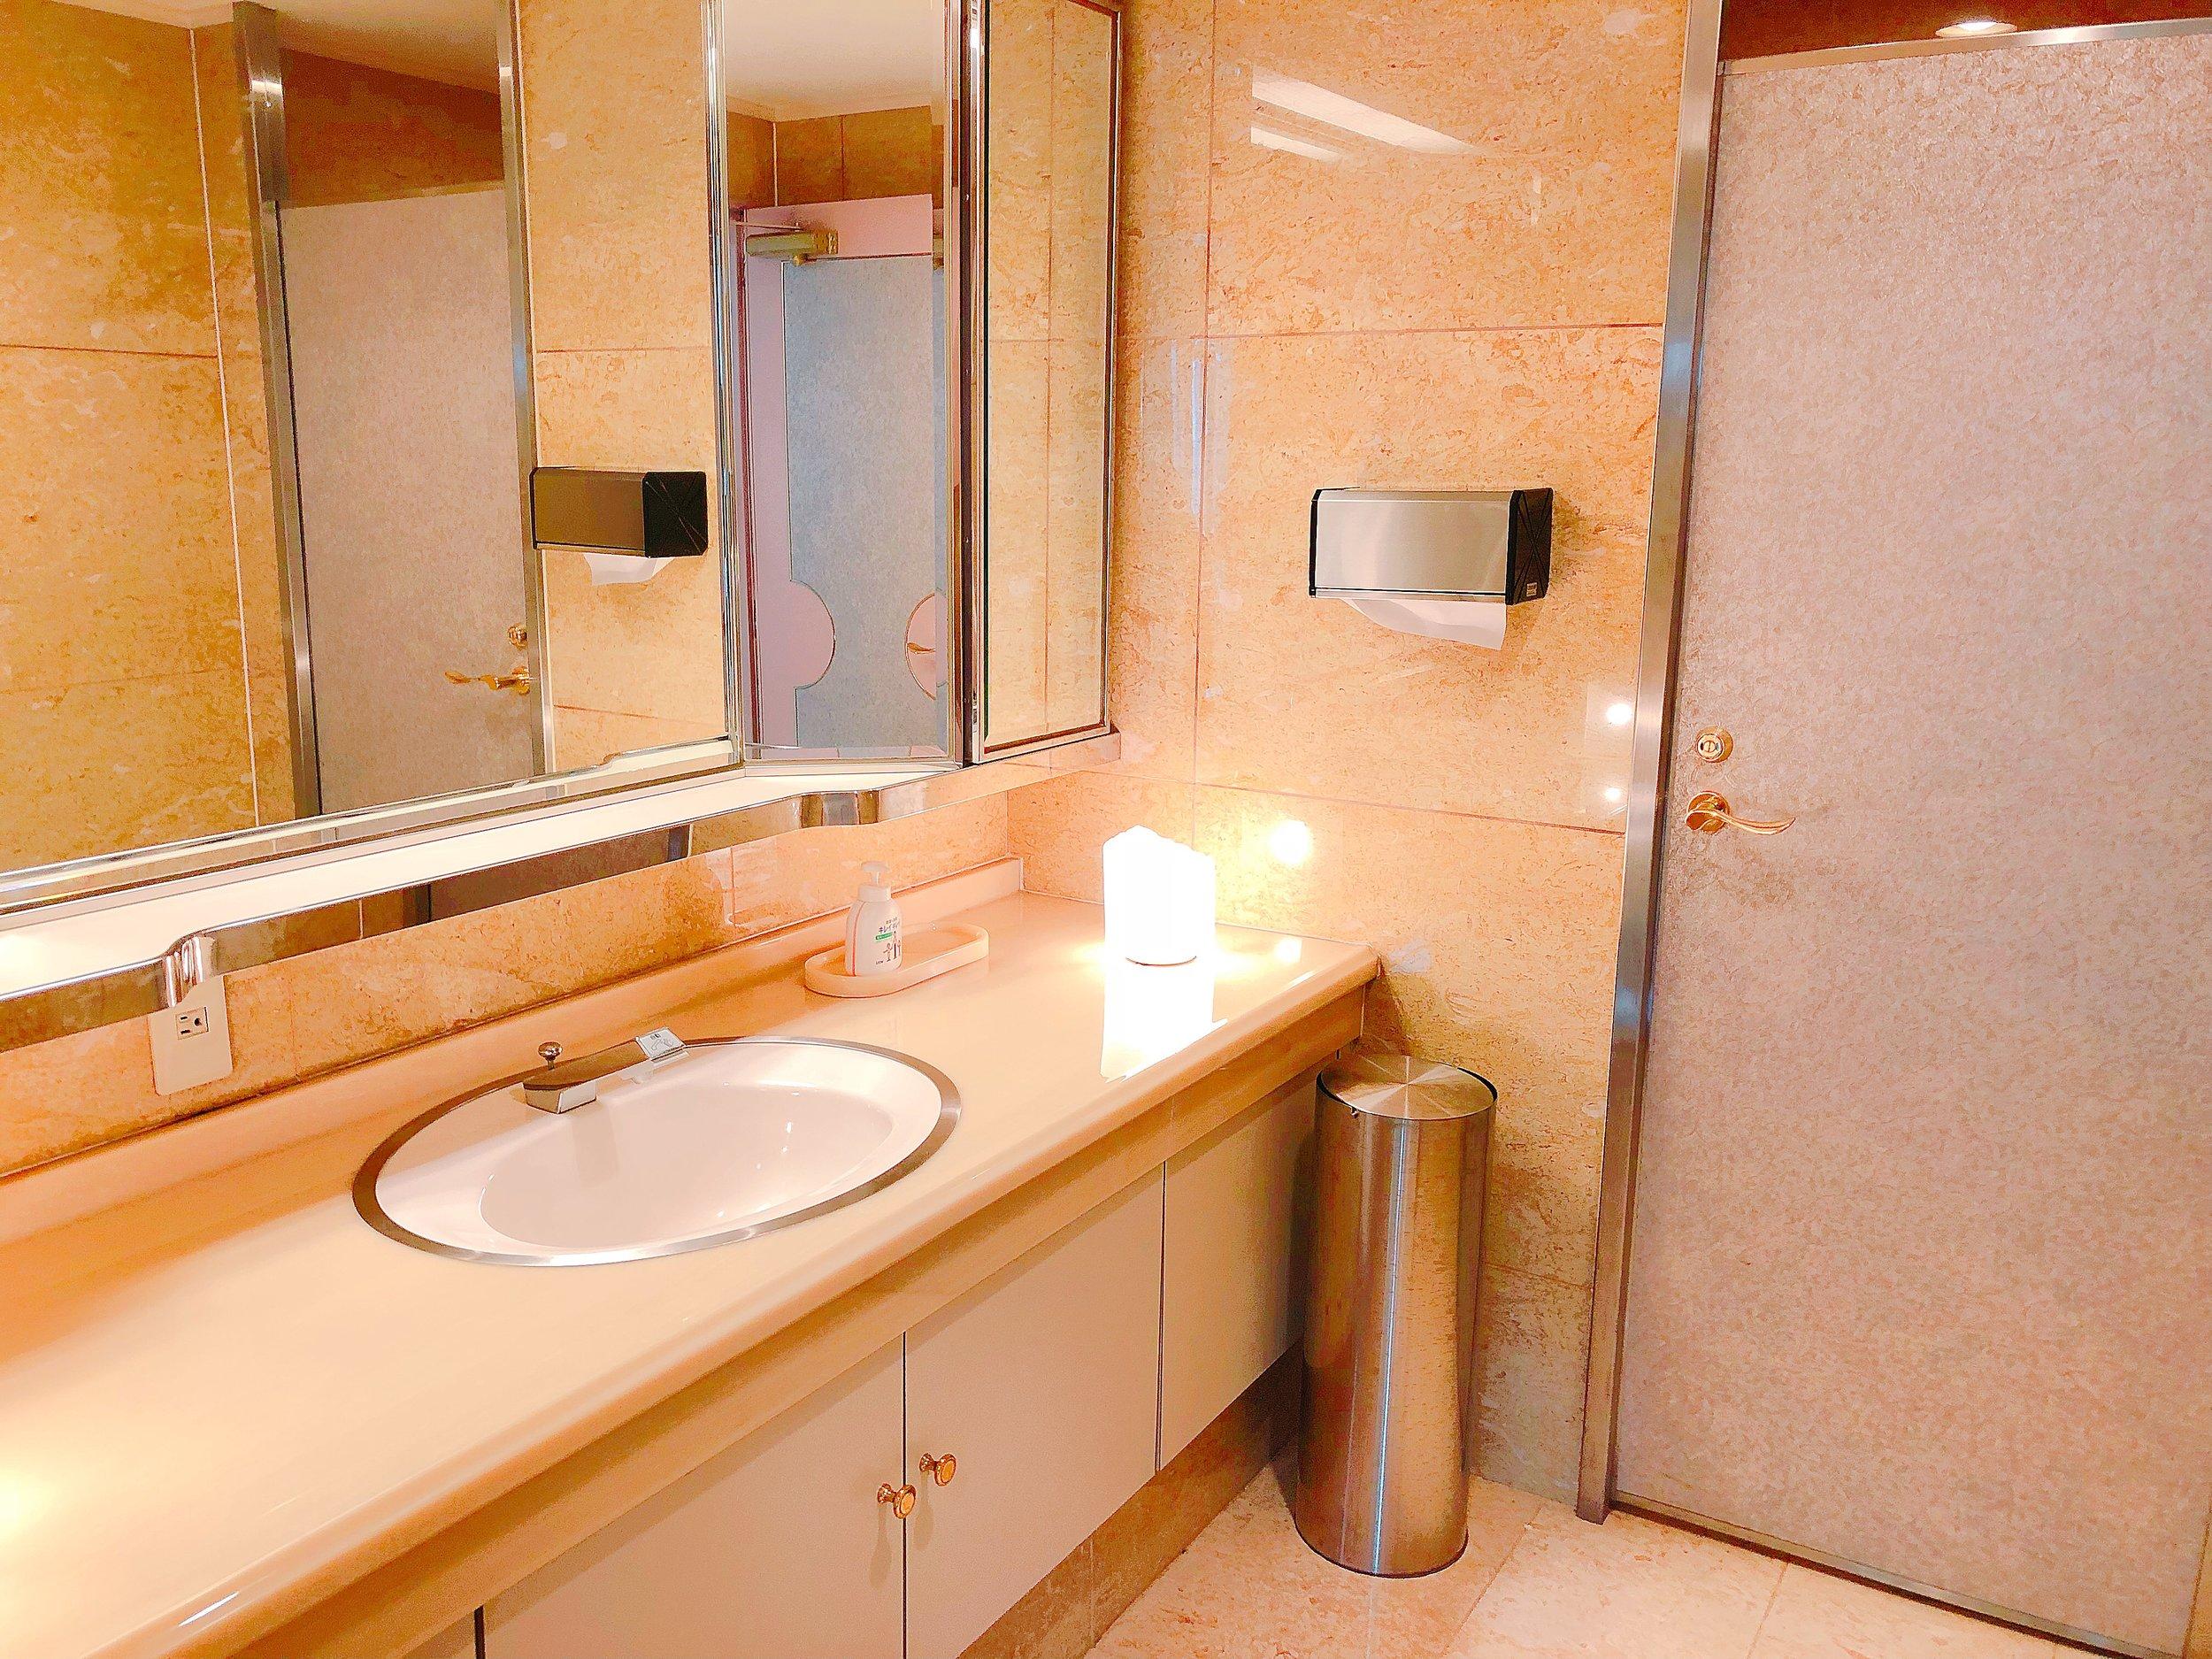 スイートルームのお手洗い